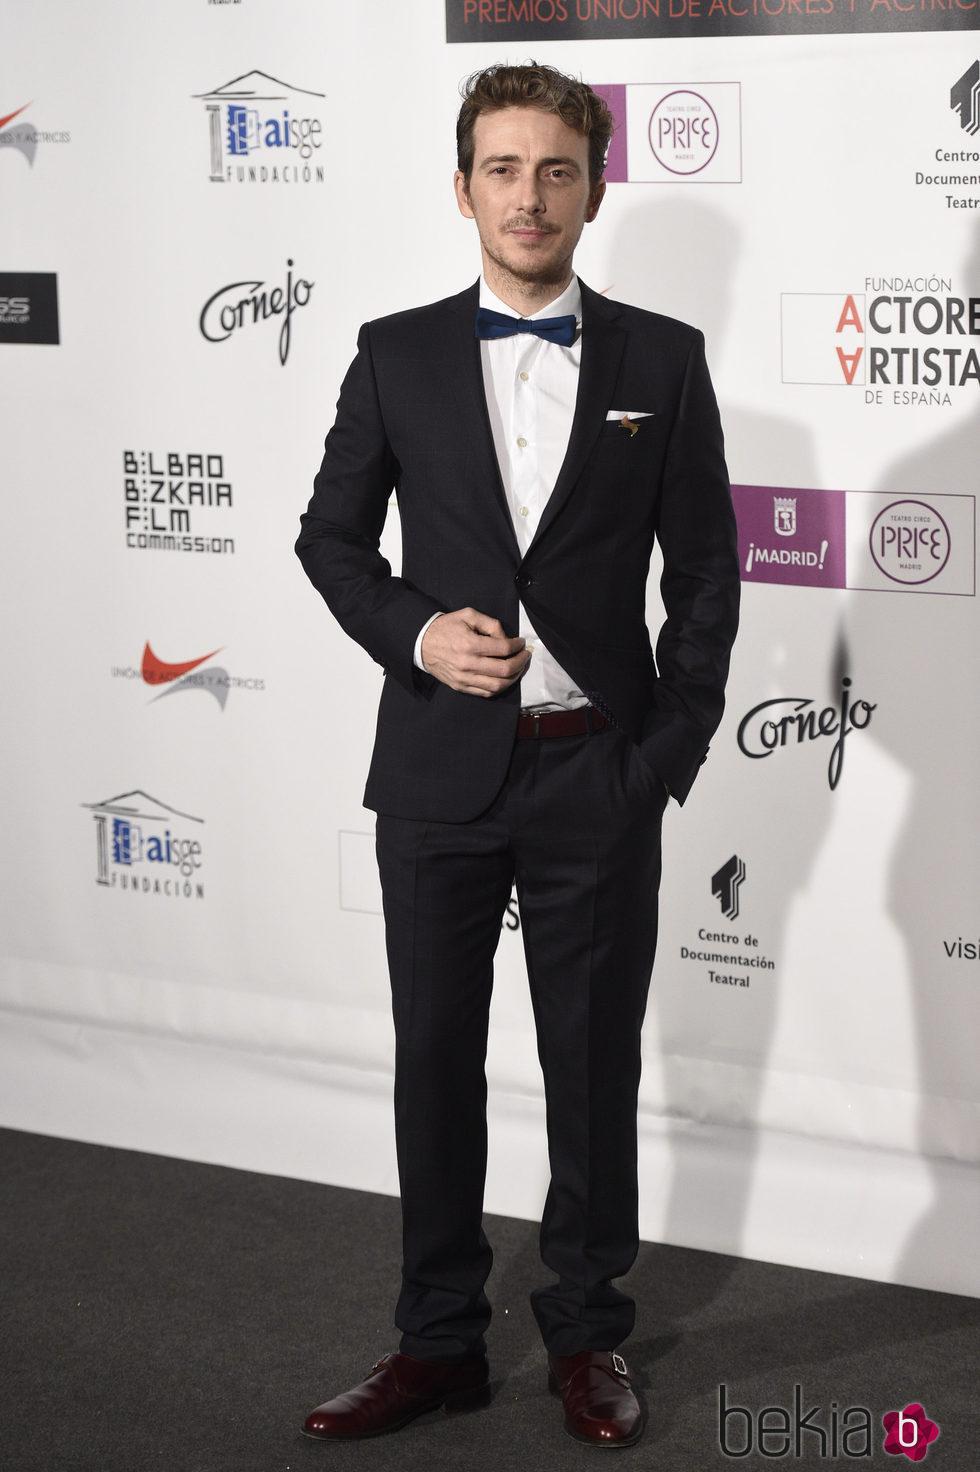 Víctor Clavijo en los Premios Unión de Actores 2016